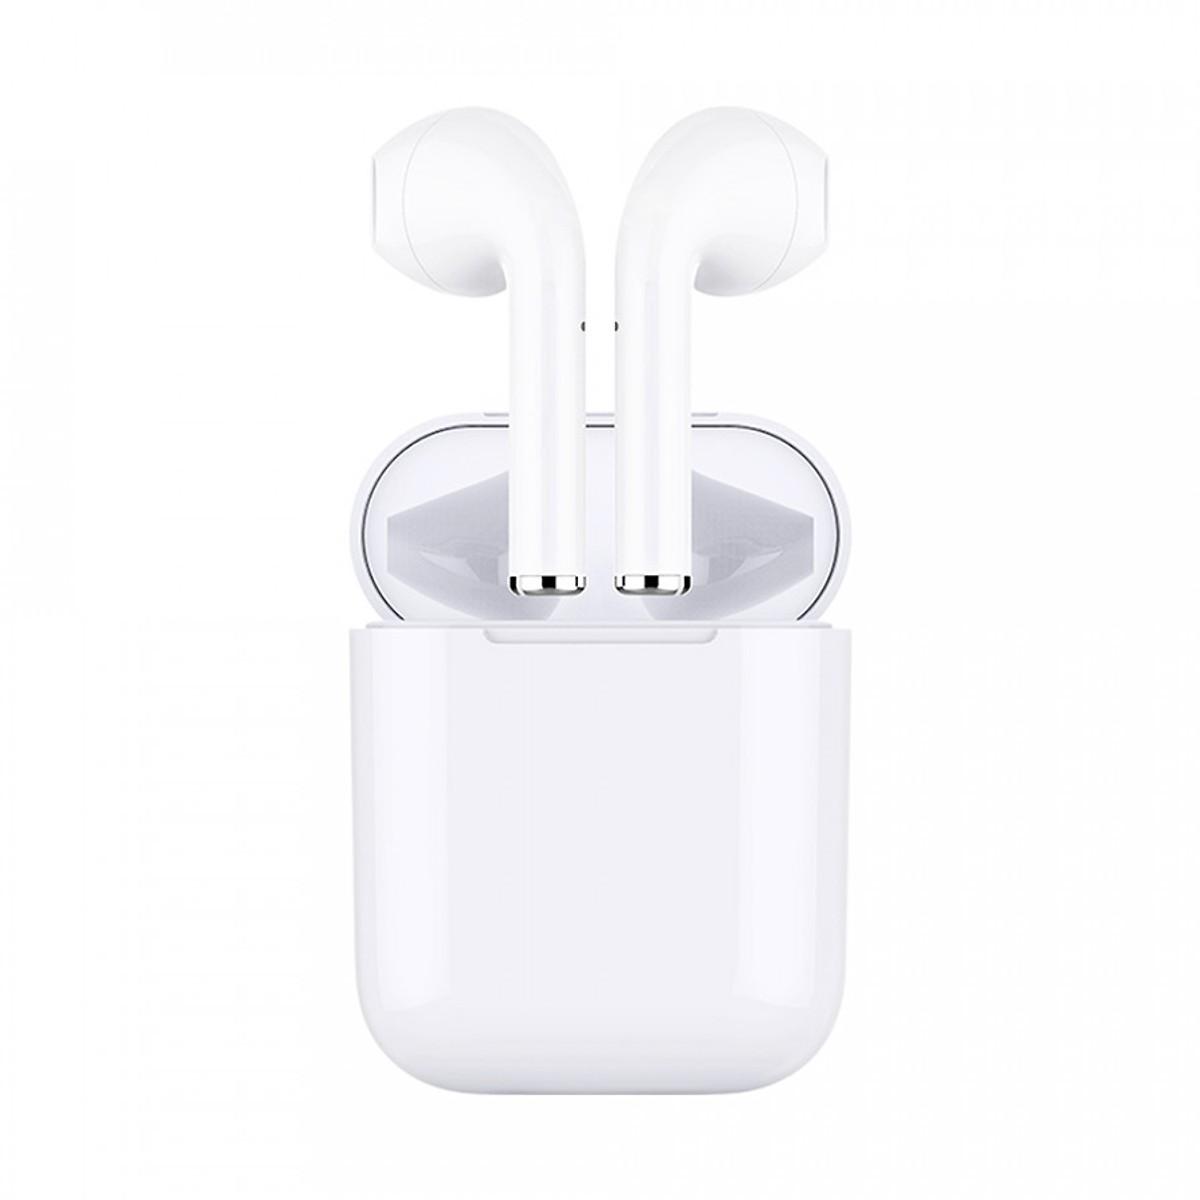 Tai nghe Bluetooth Earphone hiệu Coteetci Smart Pod 2 bluetooth 5.0, cảm ứng chạm, sạc không dây, thời lượng pin cao, khả năng lọc âm hiệu quả - Hàng nhập khẩu